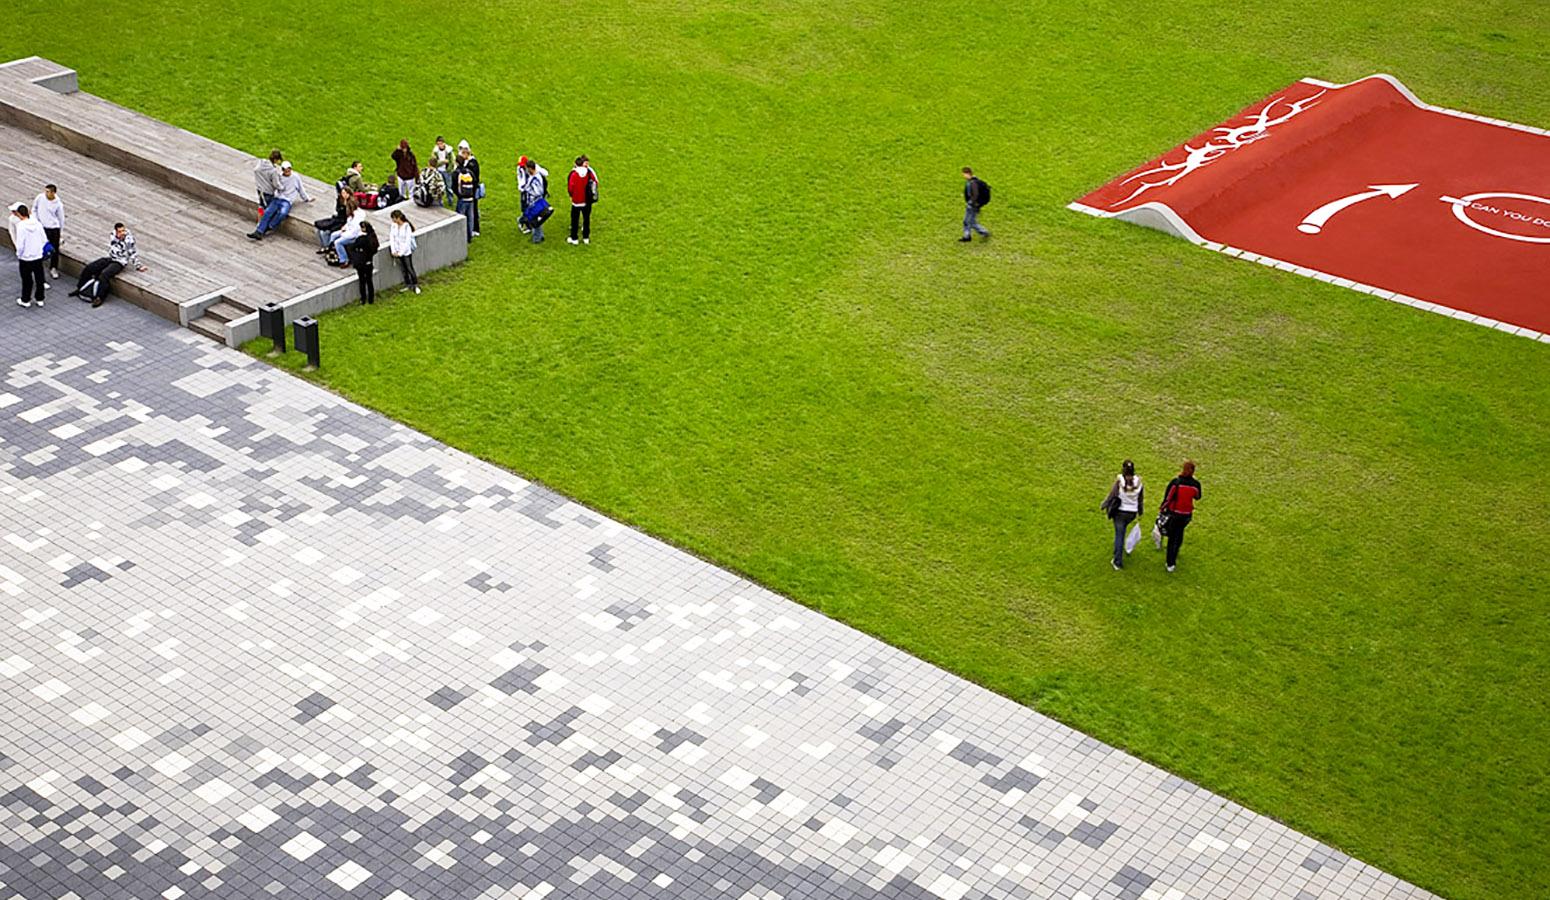 STrauma Landschaftsarchitektur Berlin landscape architects Otto Hahn Schule